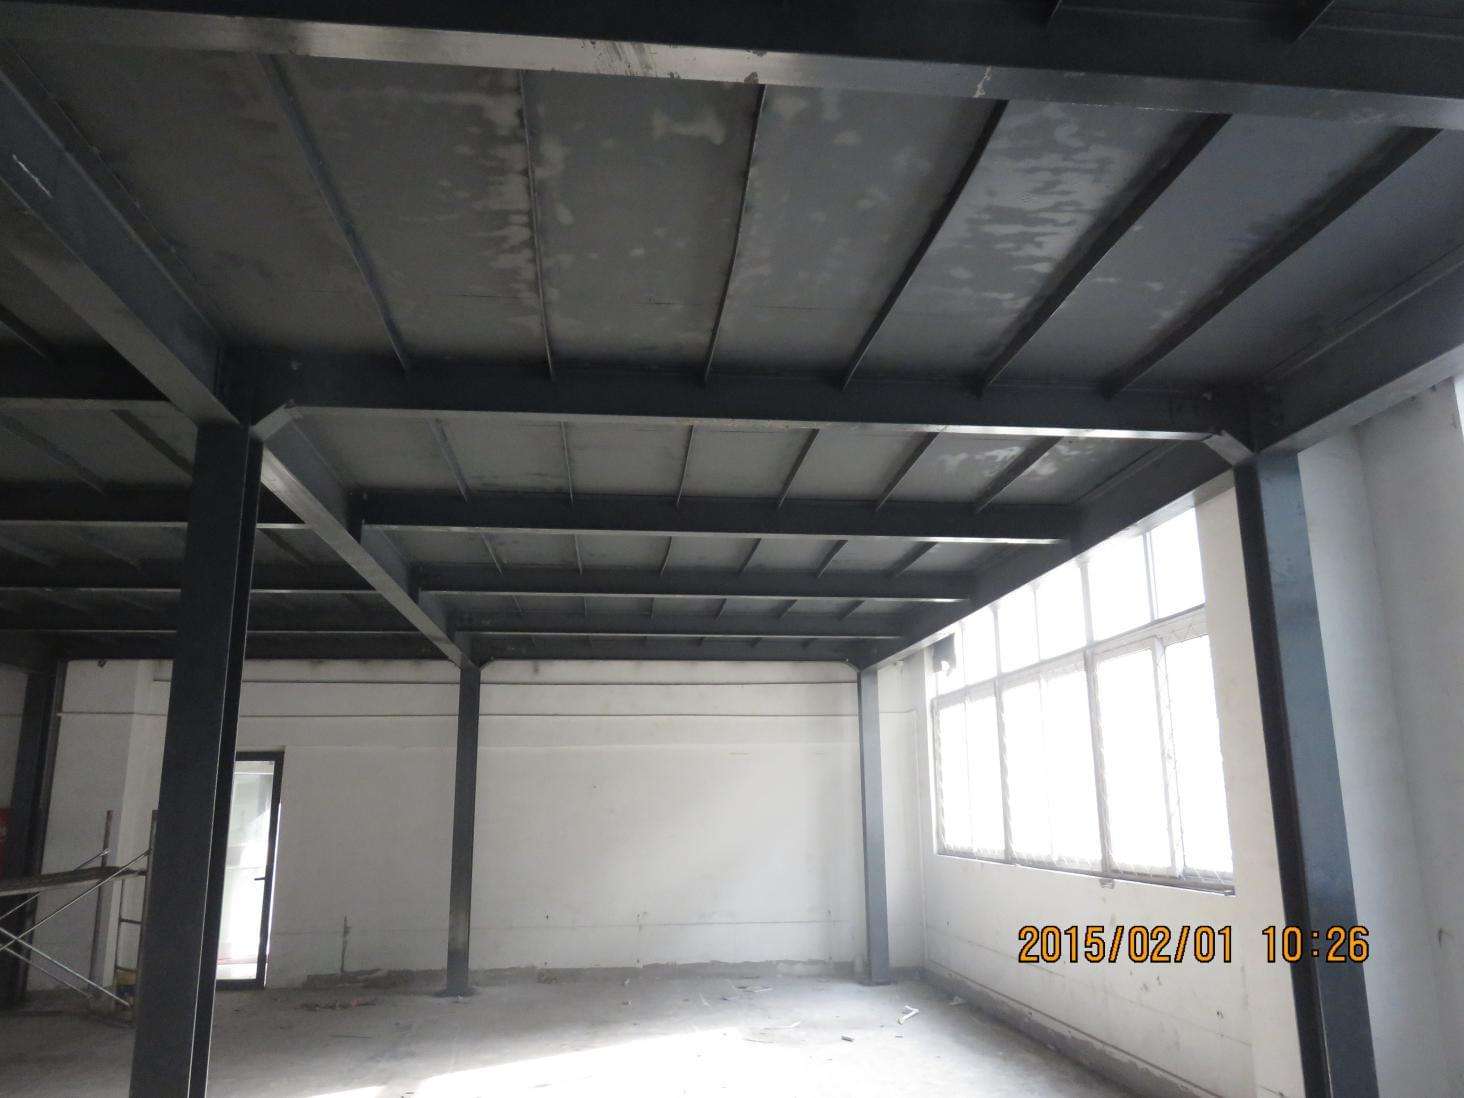 未与原厂房柱等承重结构相联系的独立钢结构平台,或钢结构平台的独立部分,应在某些柱列之间设置柱间支撑,使整个钢结构平台在竖向成为稳定体系。支撑最好布置在柱列中部,如因工艺生产条件限制也可布置在边部。  柱间支撑通常采用交义形,如交叉形与使用要求有矛盾时。可采用门形或连续的隅撑,有时也采用横梁与柱刚接的框架形式。 钢结构平台结构的防护措施 受高温作用的钢结构平台,应根据不同情况采取防护措施,例如; 1.